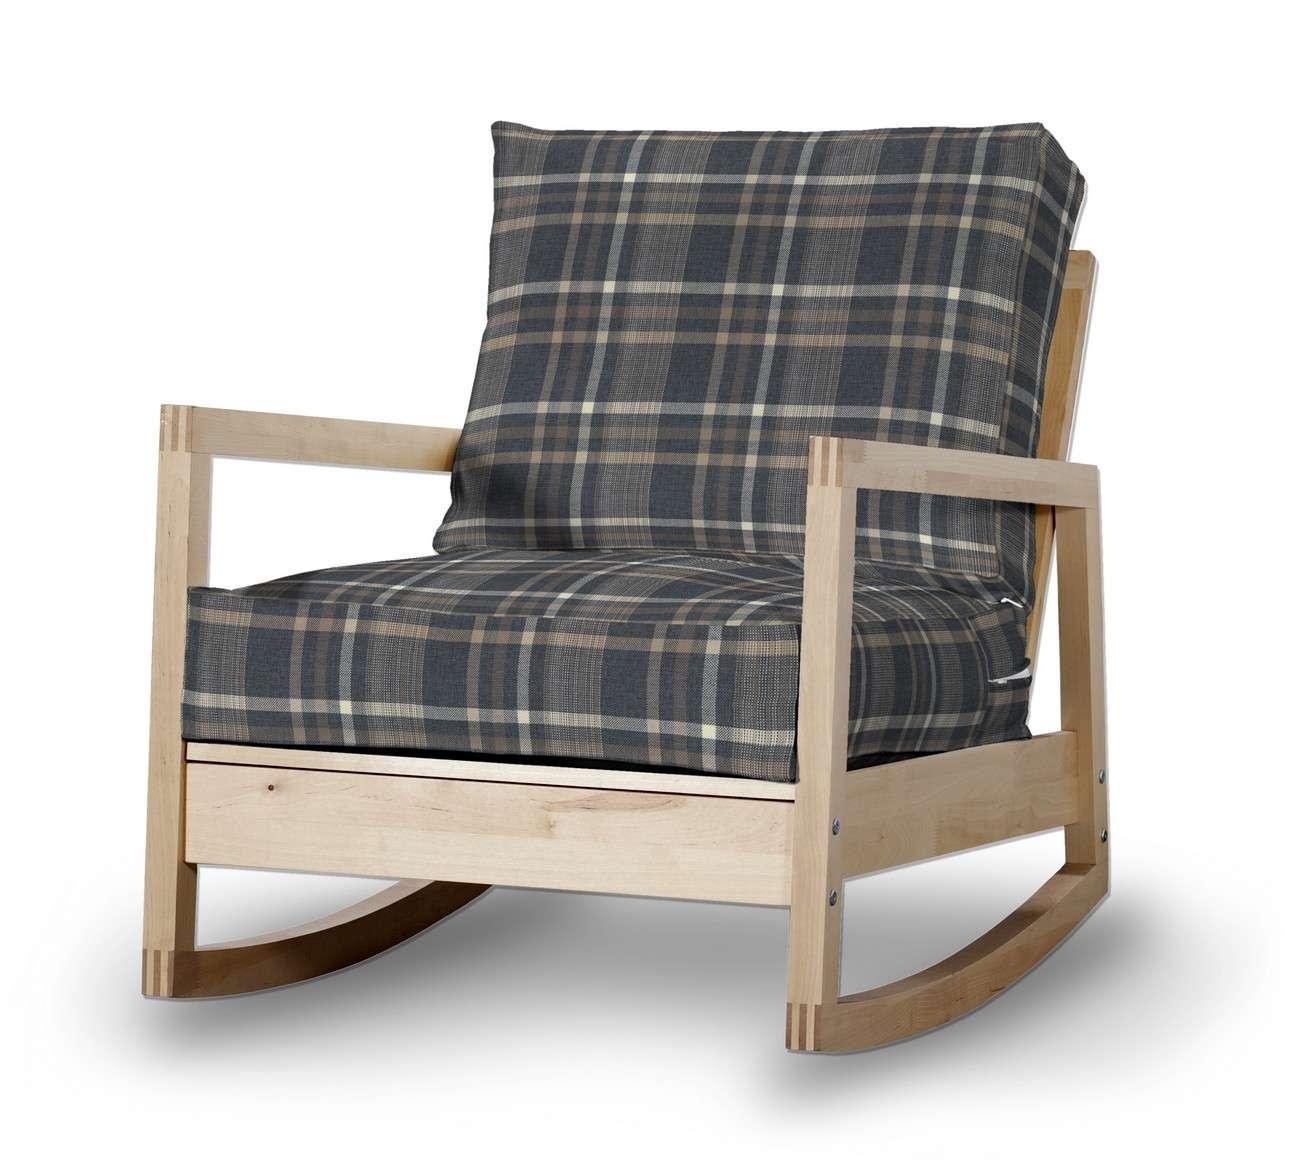 Pokrowiec na fotel Lillberg w kolekcji Edinburgh, tkanina: 703-16